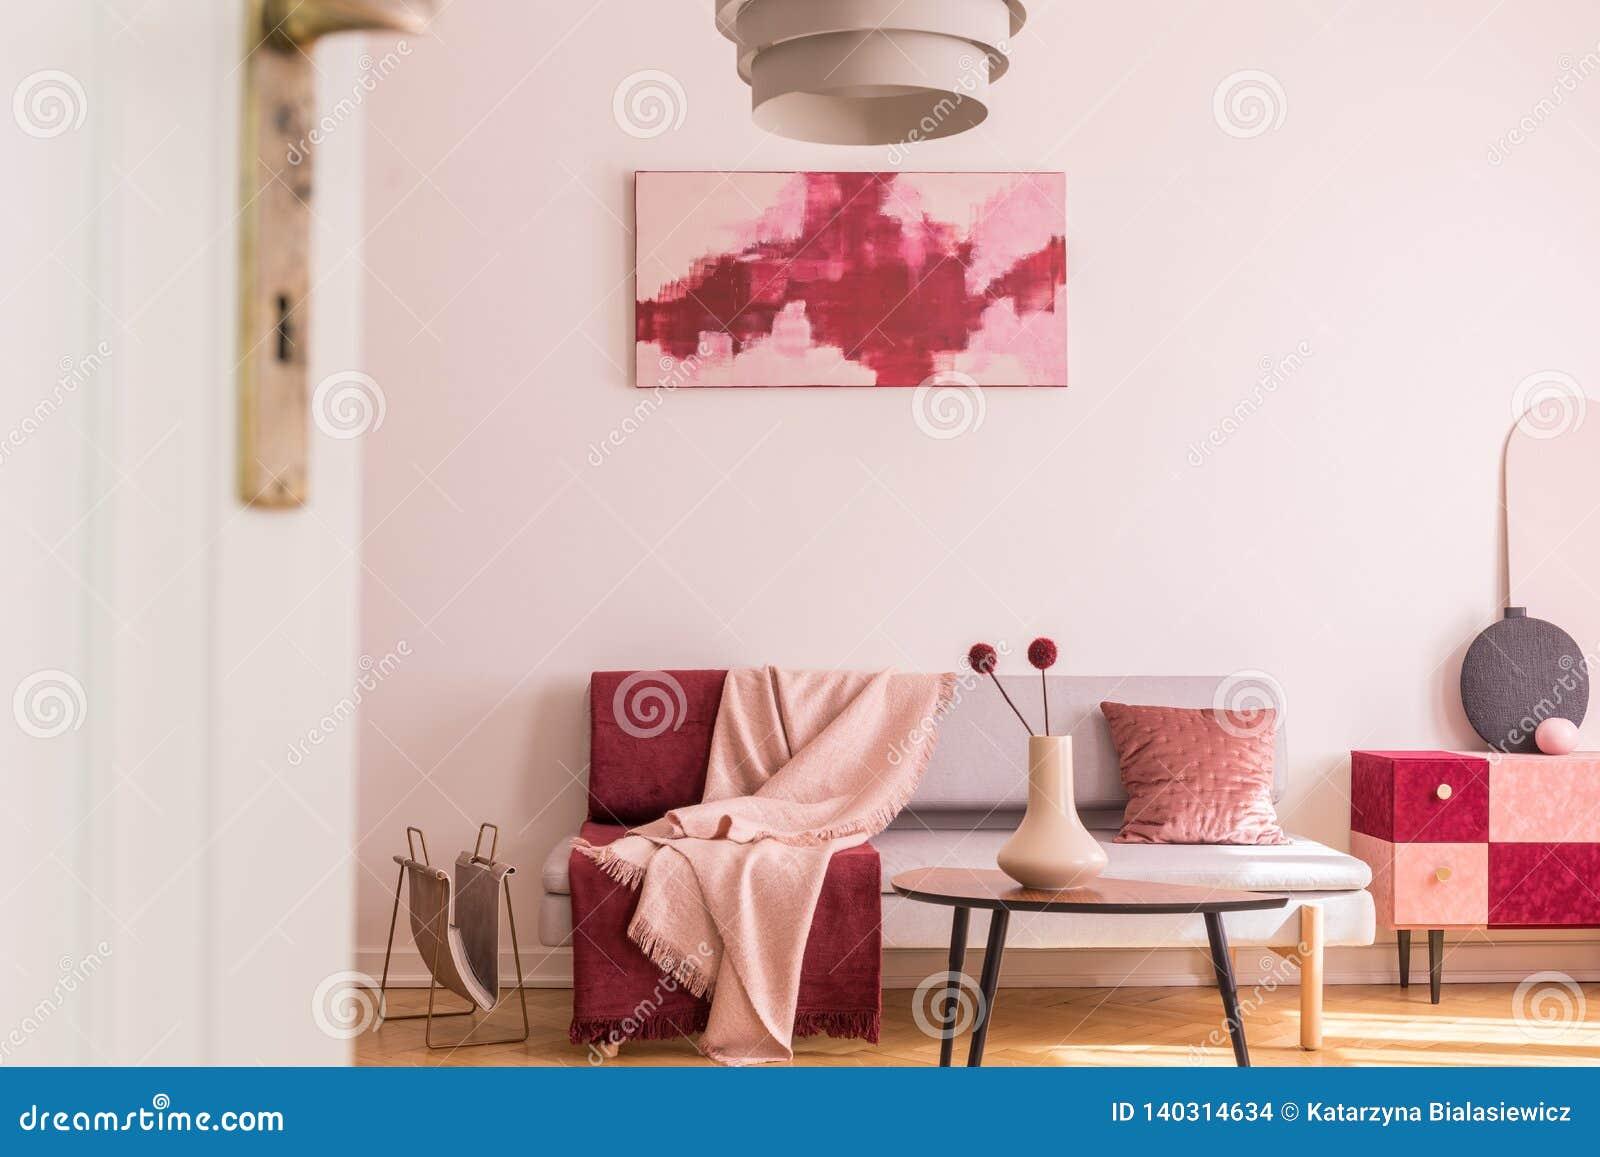 Resume Bourgogne Et Peinture Rose En Pastel Sur Le Mur Blanc Vide Du Salon A La Mode Interieur Avec Le Sofa Et L Armoire Gris Photo Stock Image Du Mode Vide 140314634